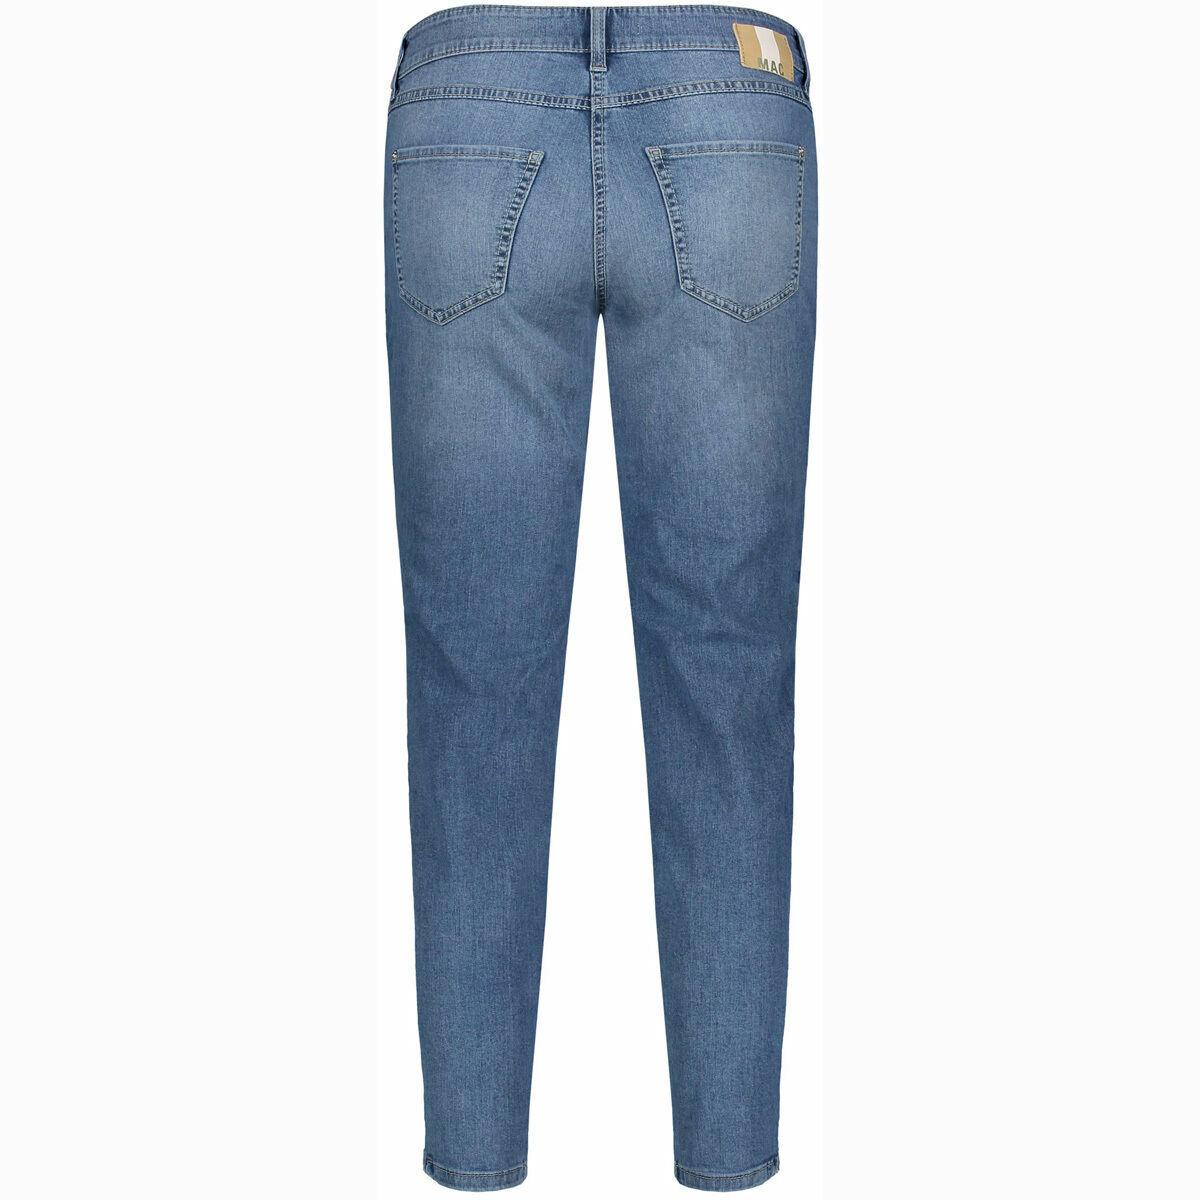 Bild 2 von Mac Damen Jeans, Feminine Fit, verkürzte Form